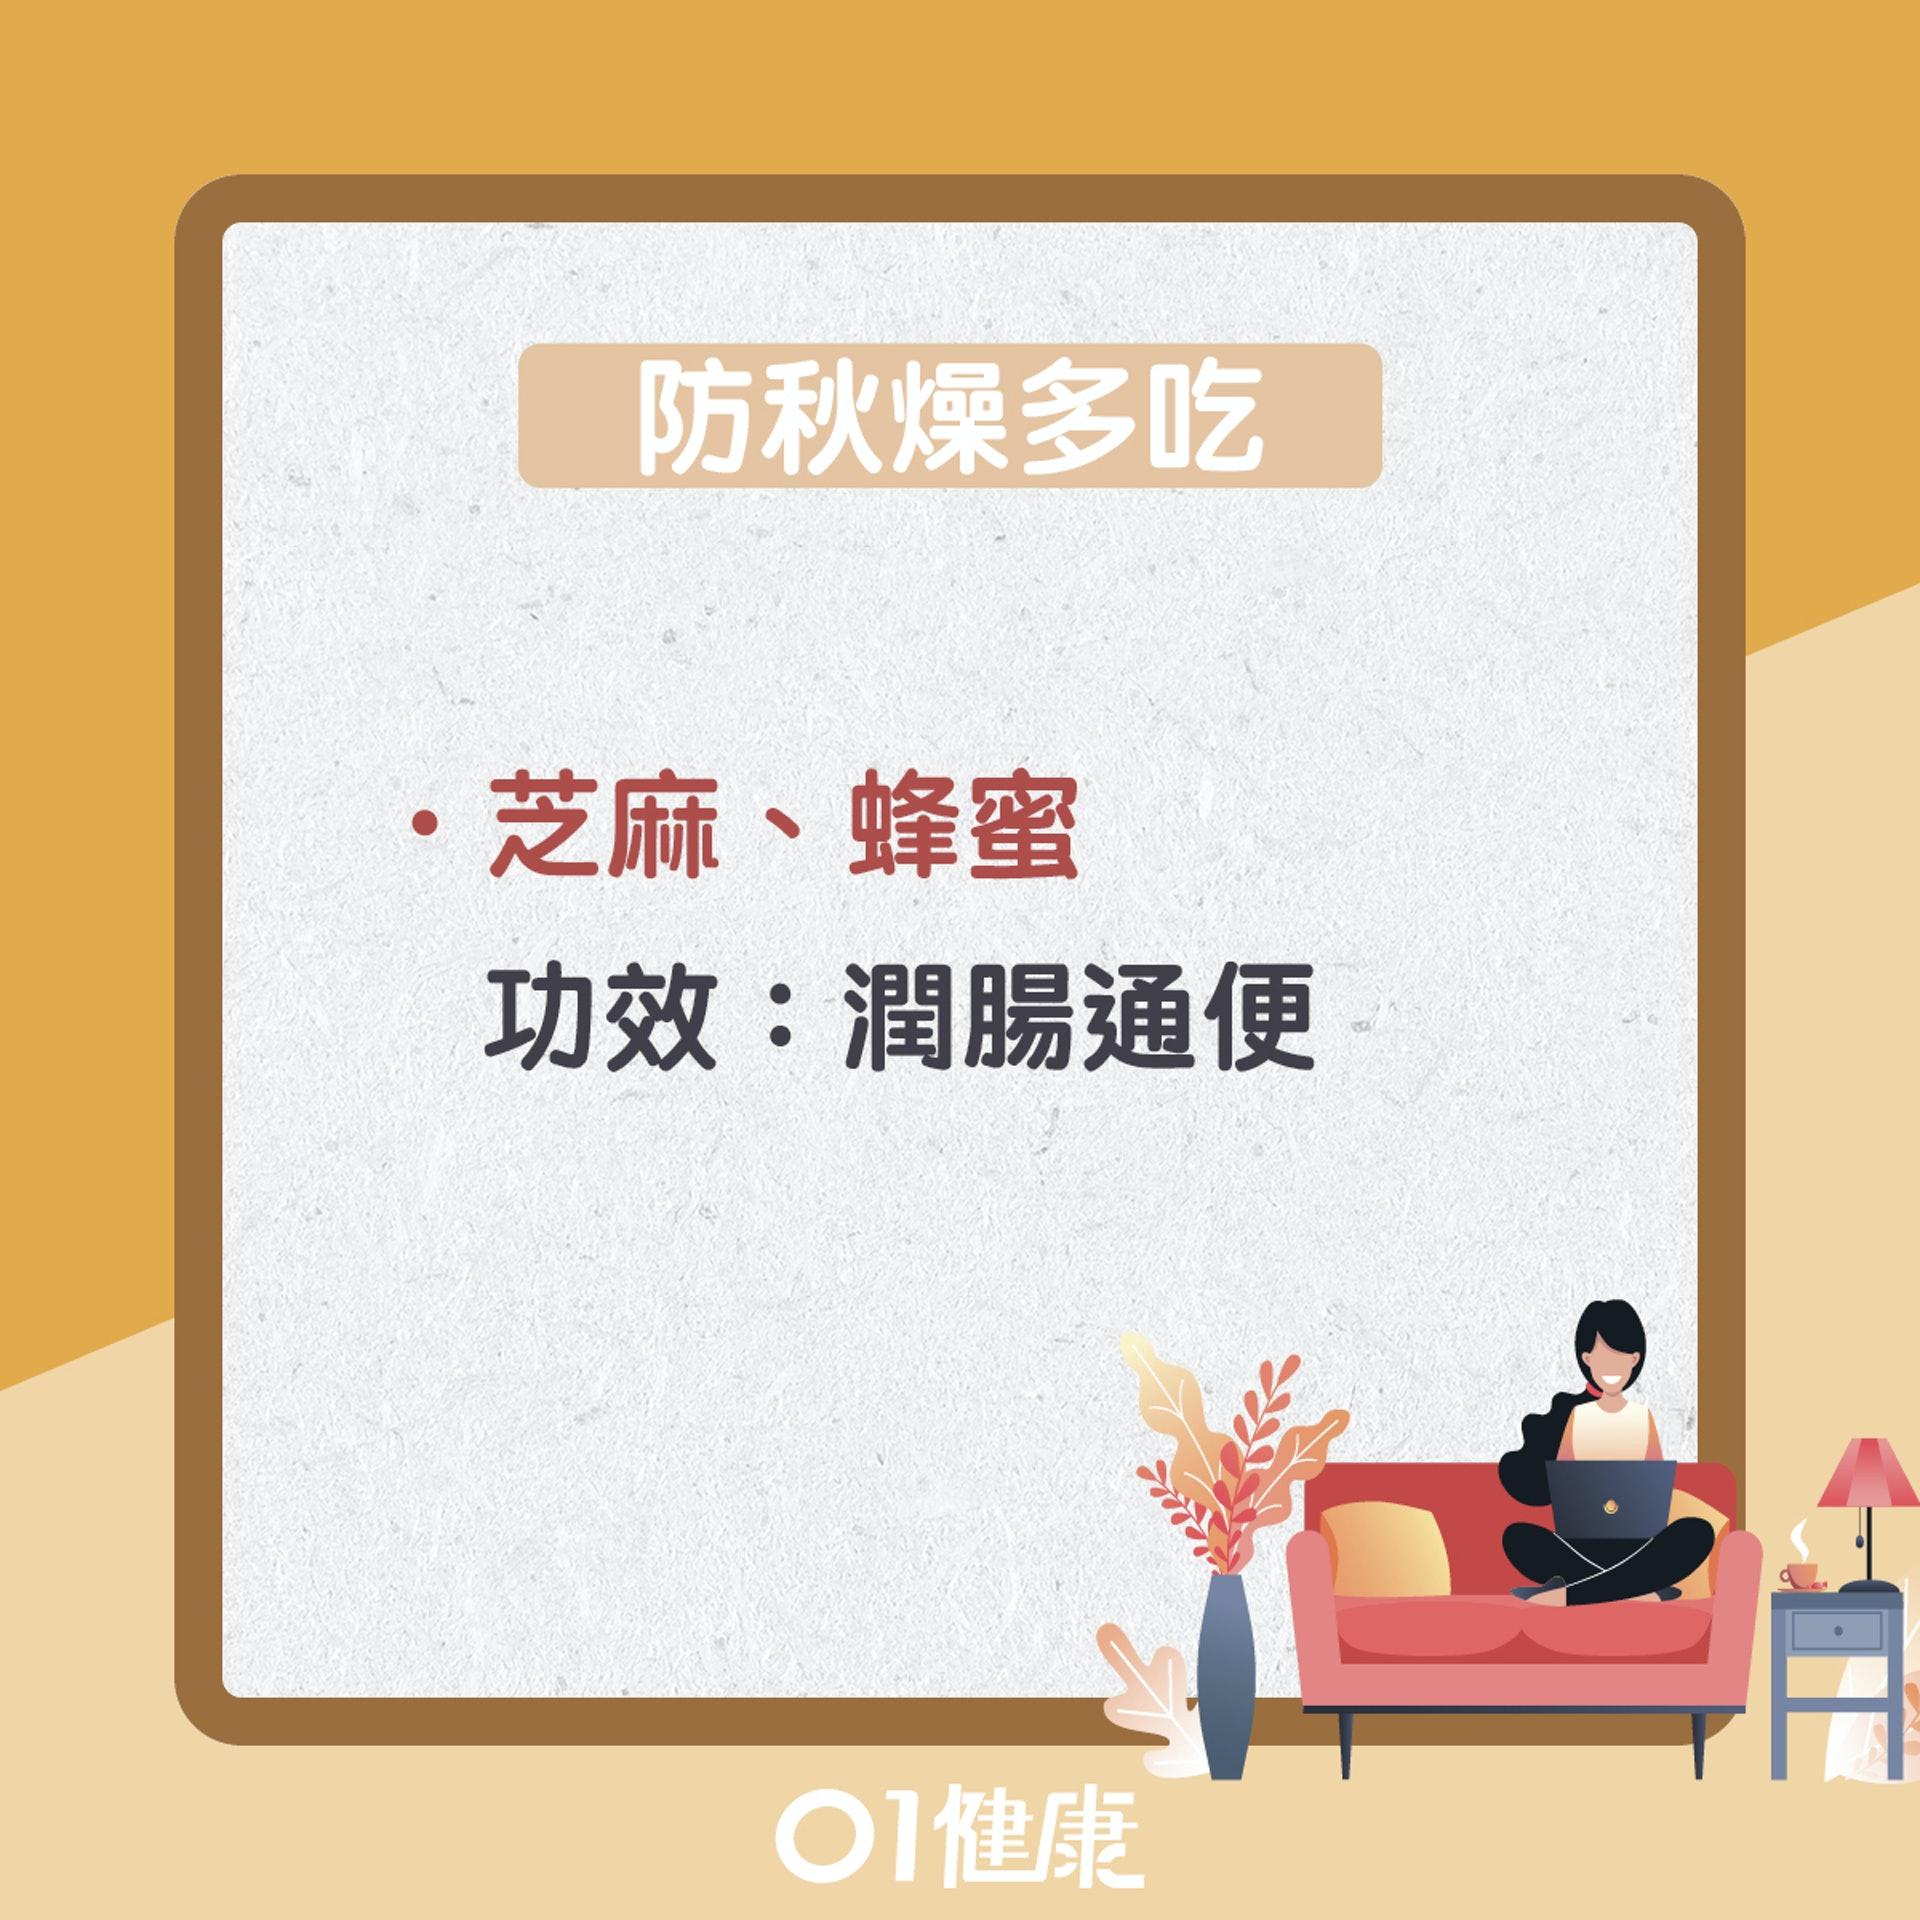 吃白色食物潤肺(01製圖)